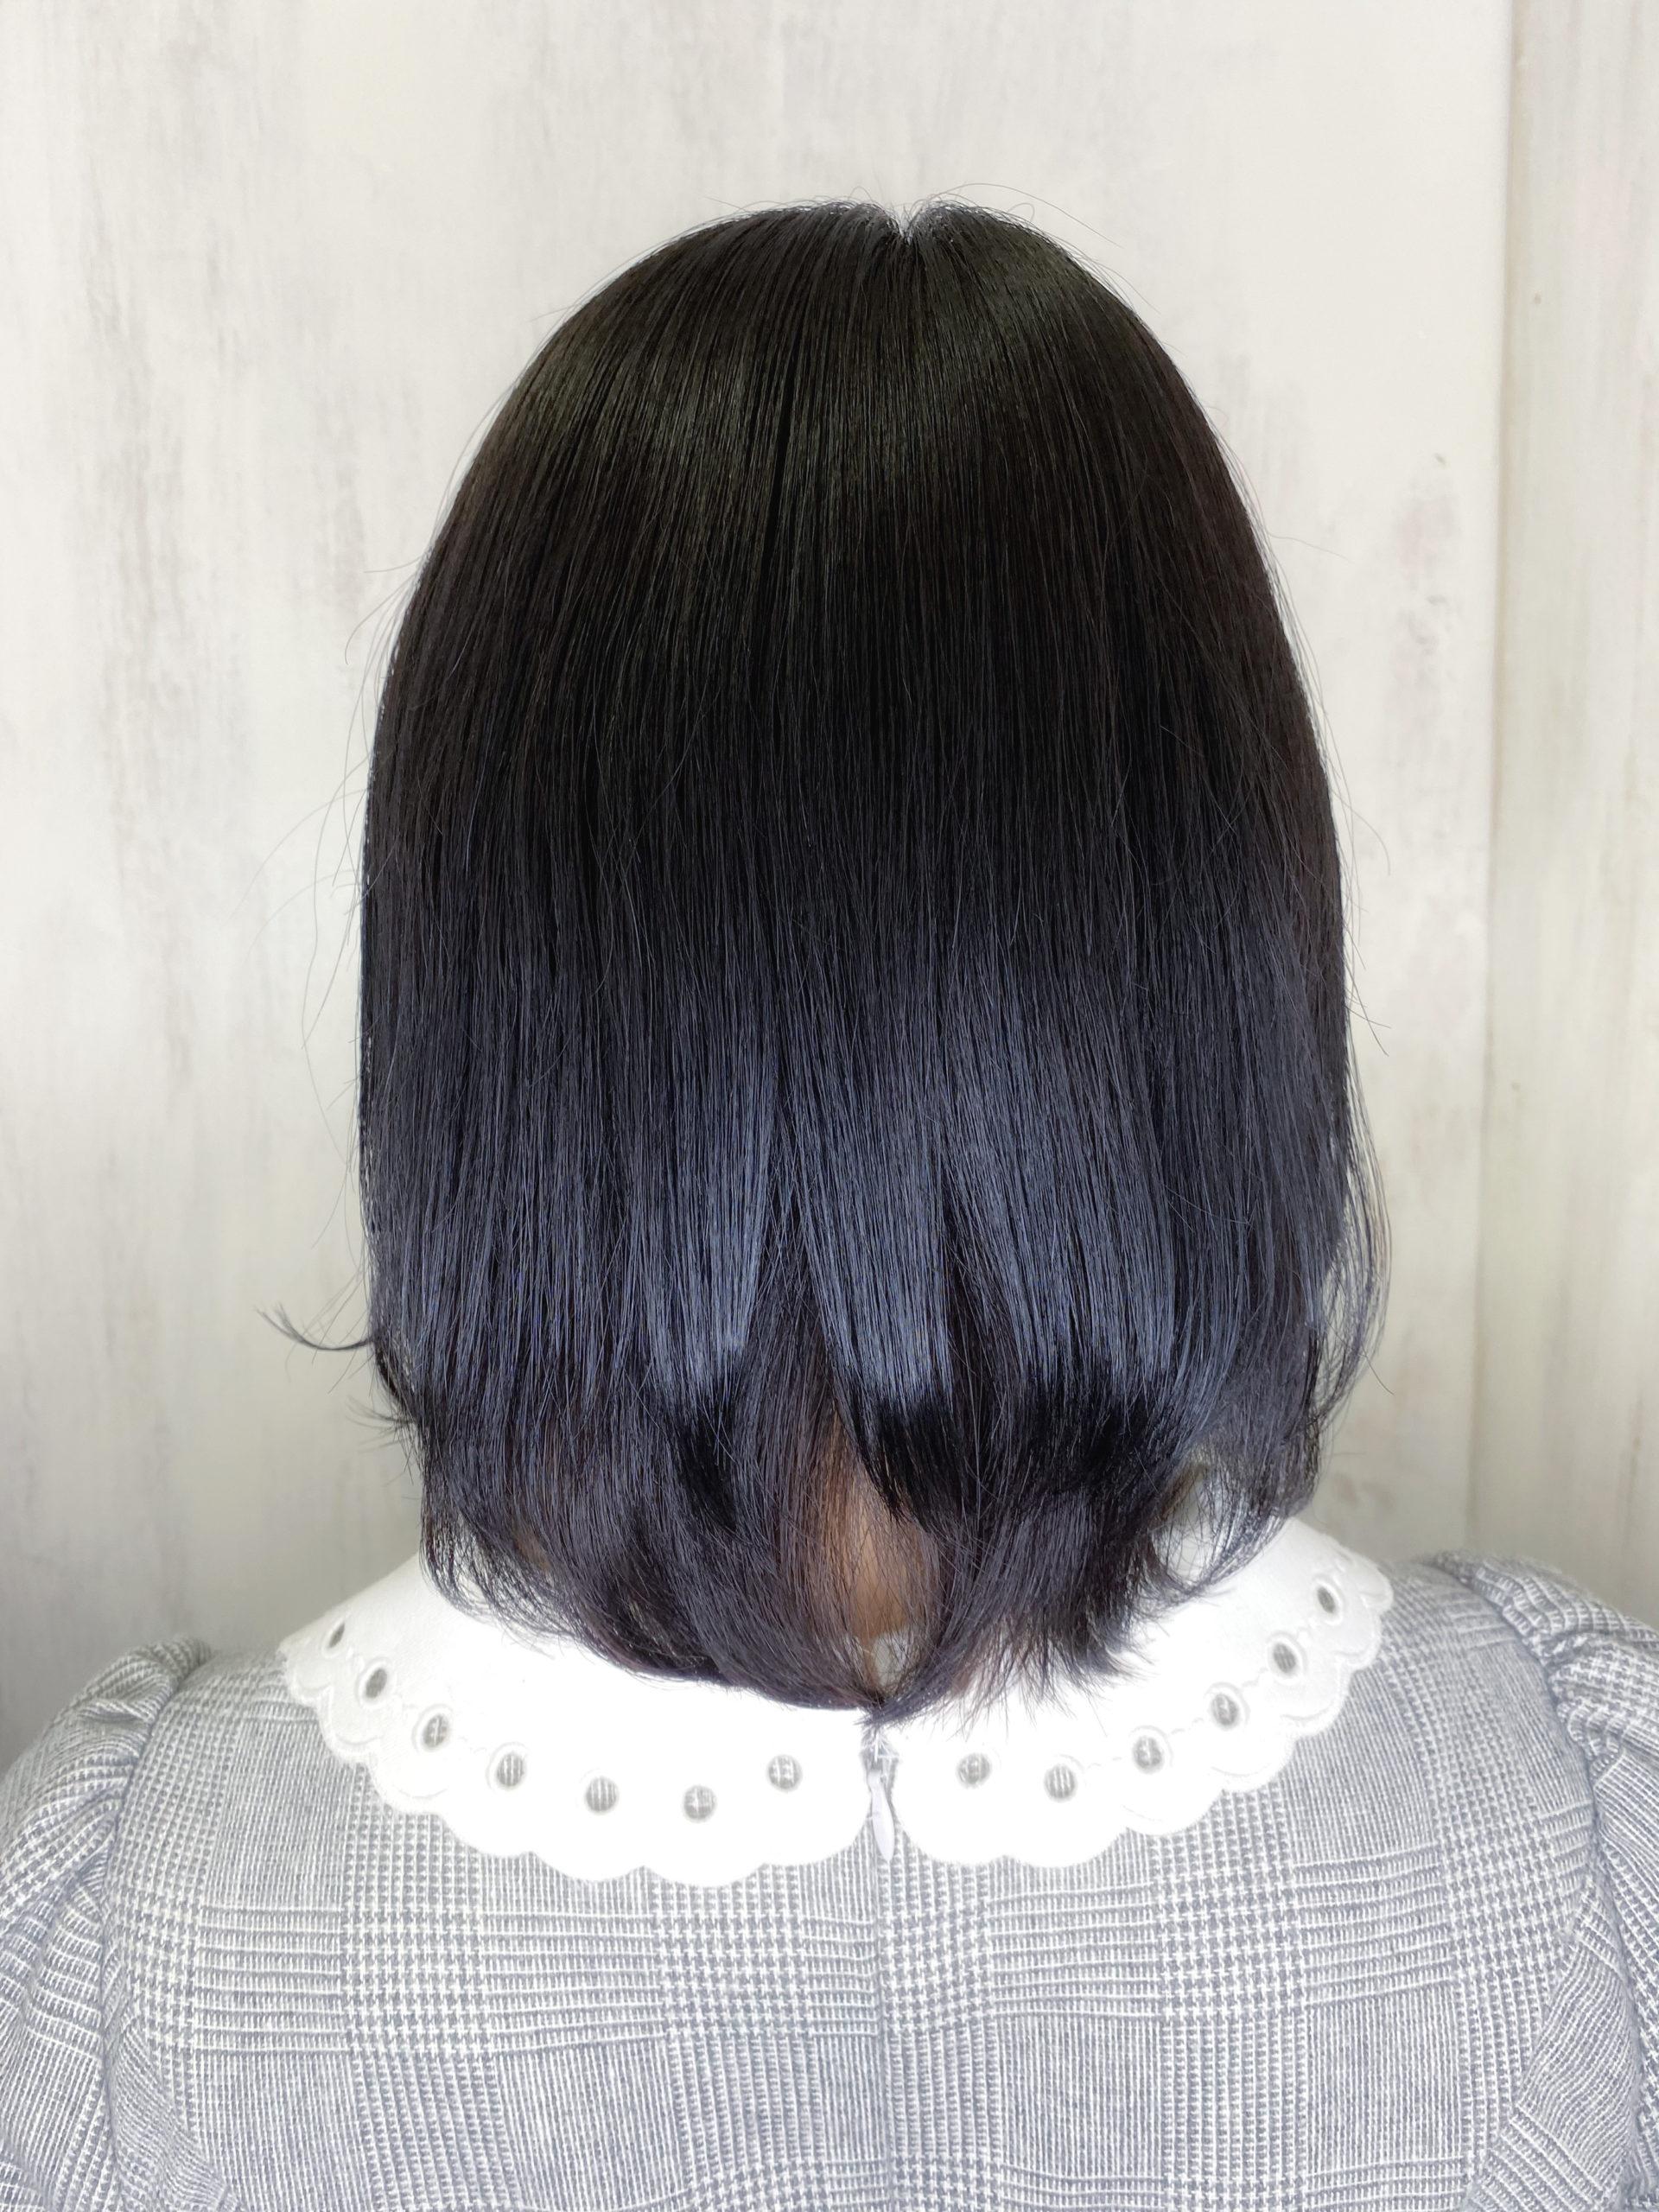 ブリーチ数回の方の縮毛矯正で艶髪ストレートヘア。原宿・表参道『髪のお悩みを解決するヘアケア美容師の挑戦』